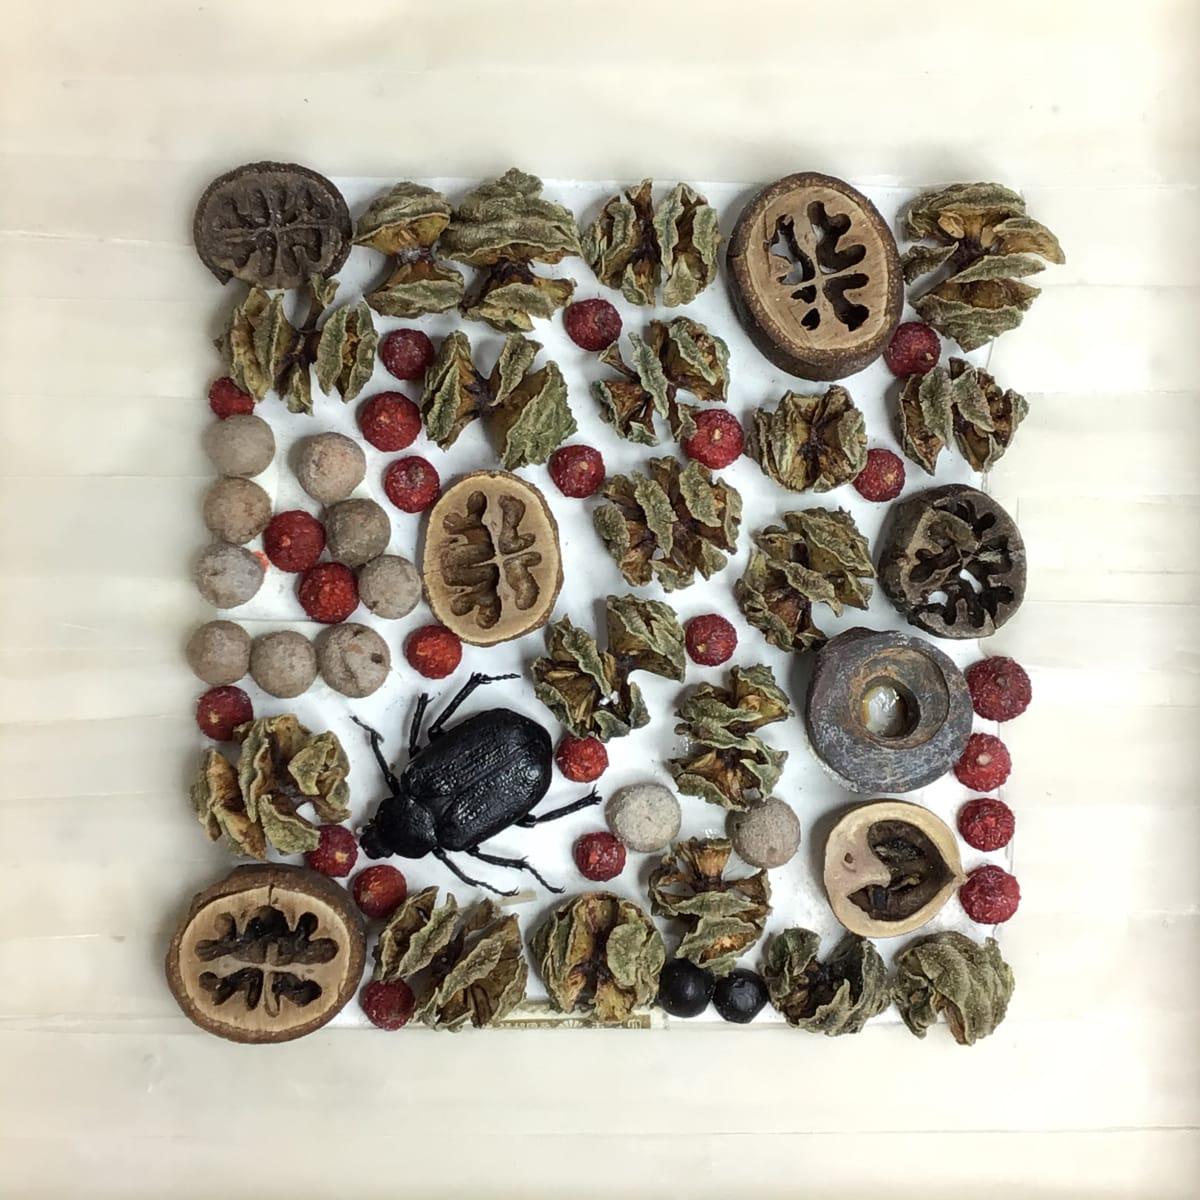 Beetle with Berries by Richard B. Aakre